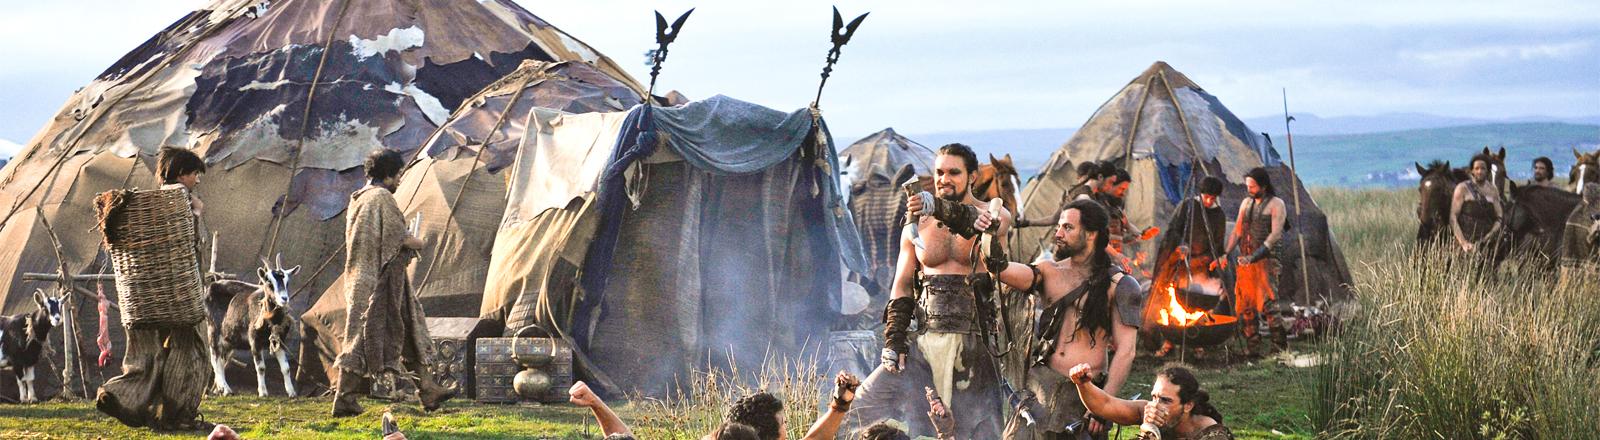 Ein Lager der Dothraki mit ihrem Anführer Khal Drogo